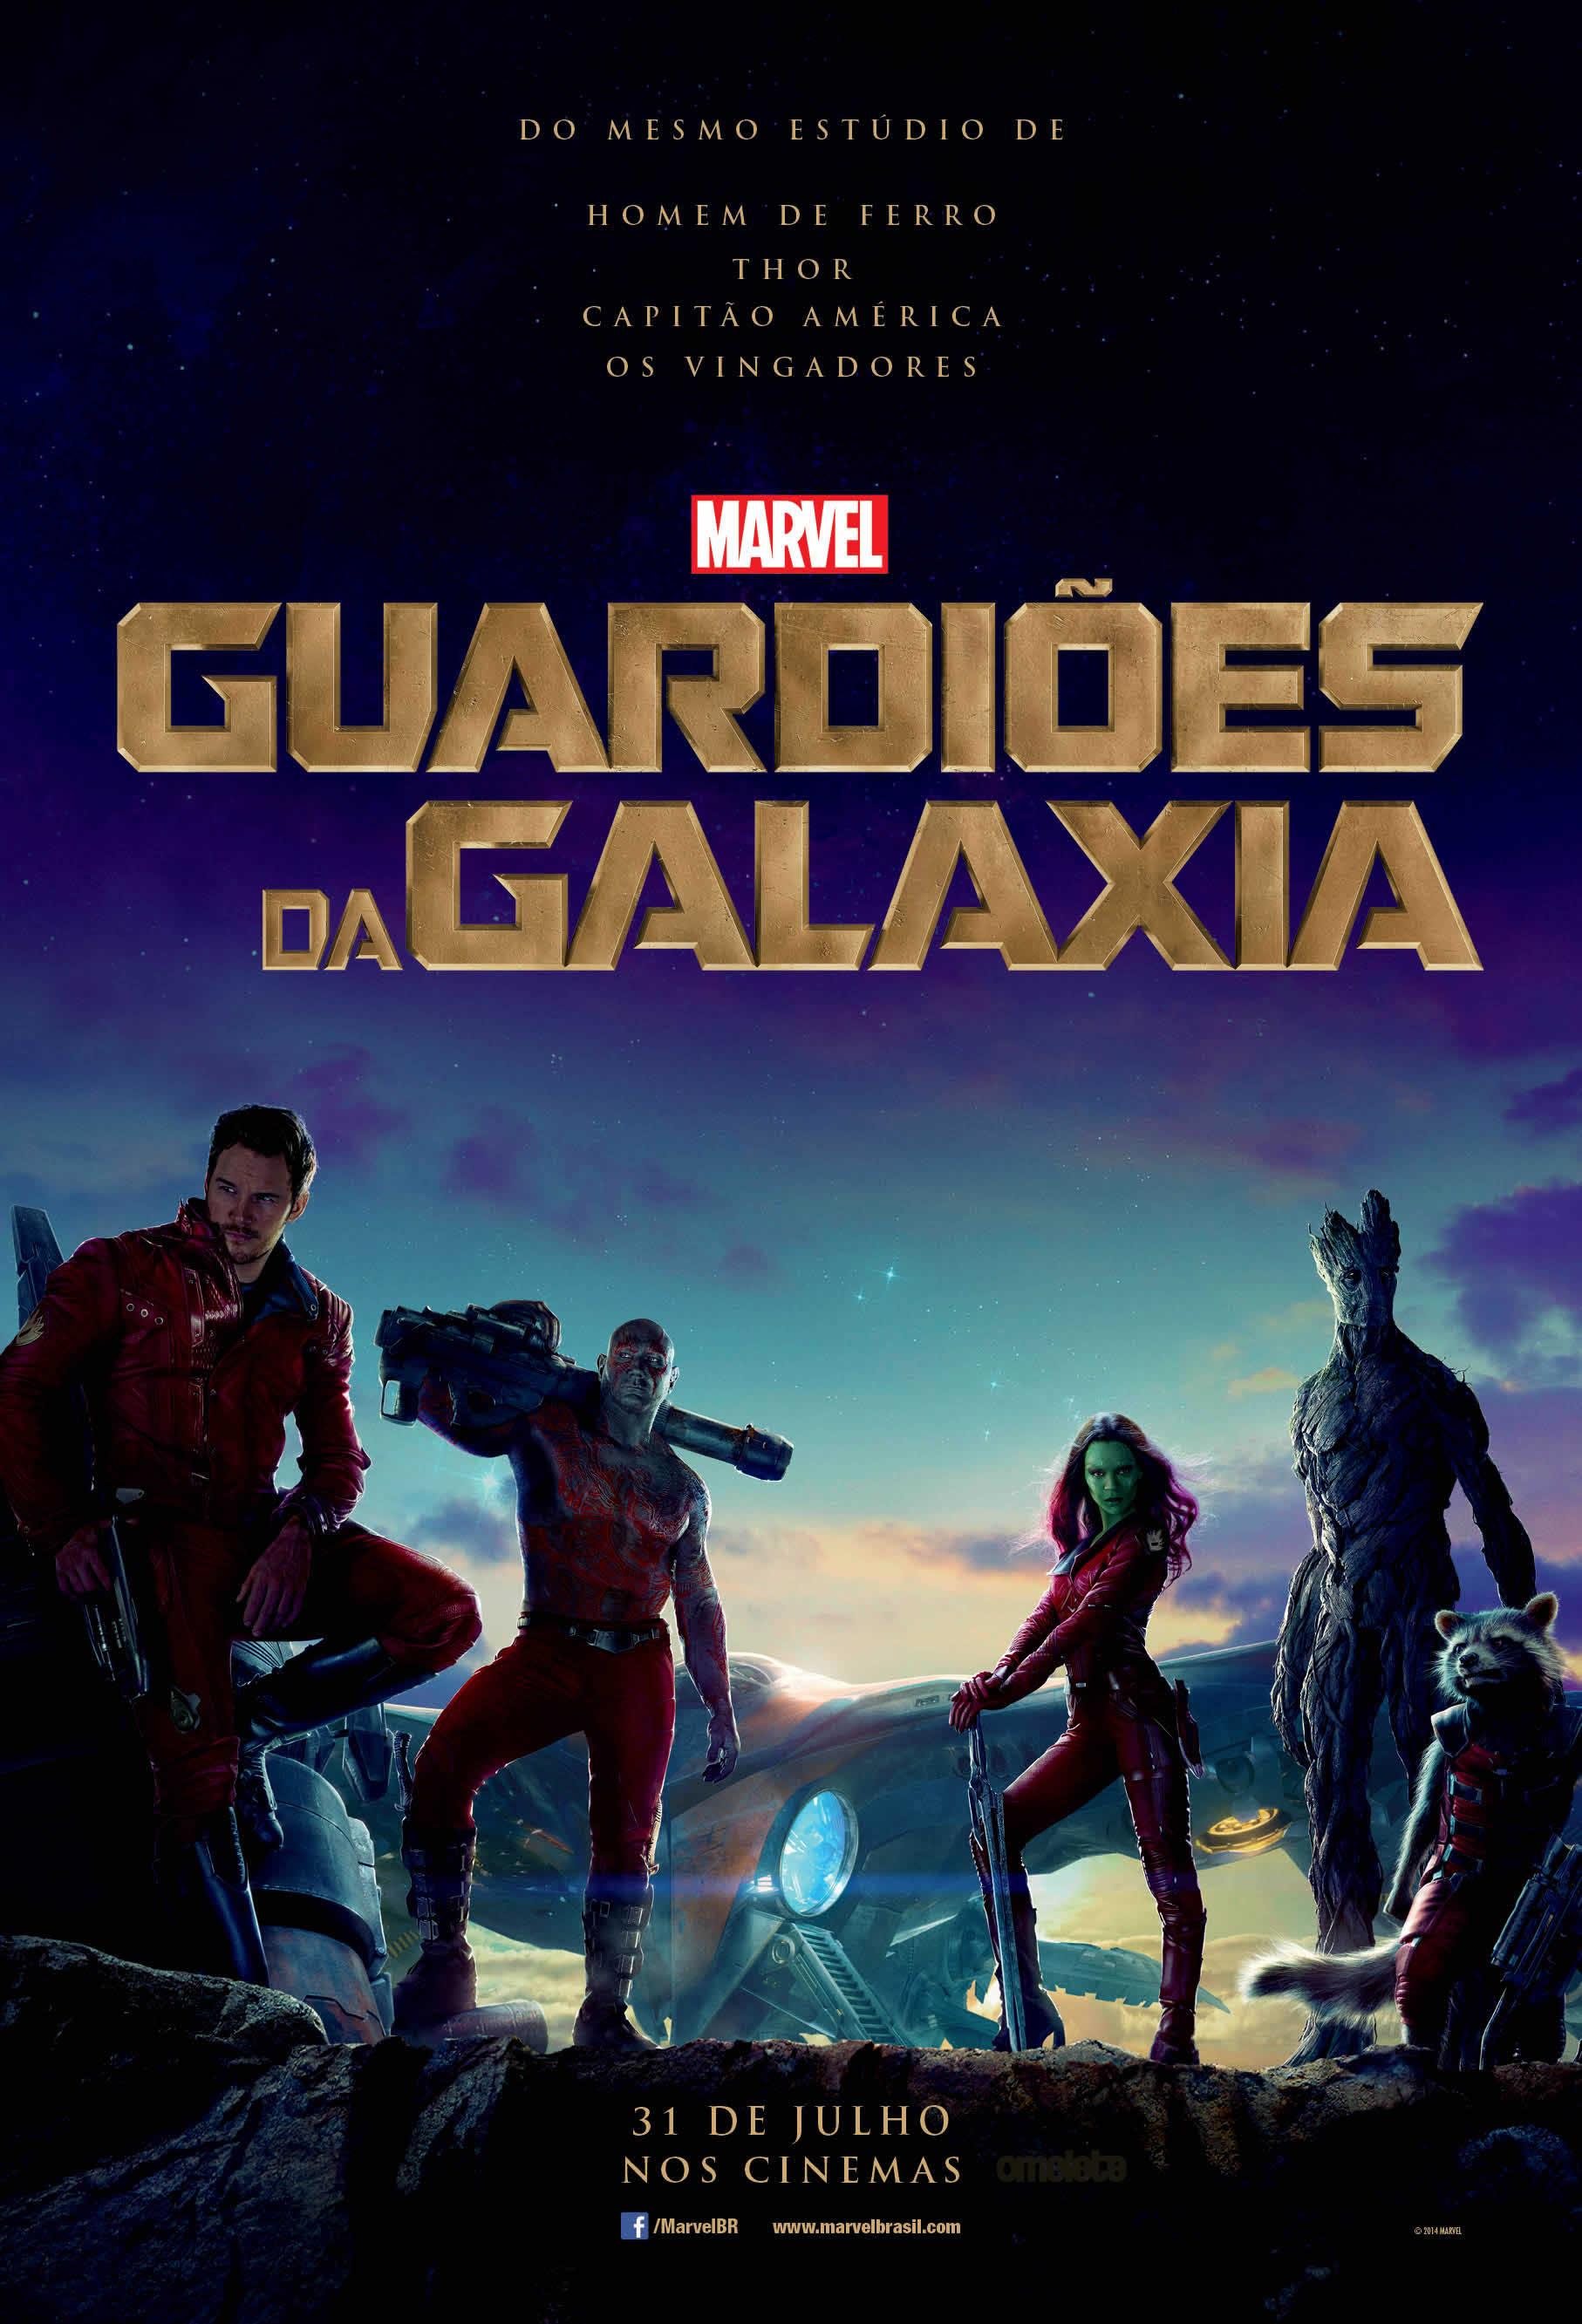 Melhores-Filmes-Aventura-GuardiõesDaGaláxia